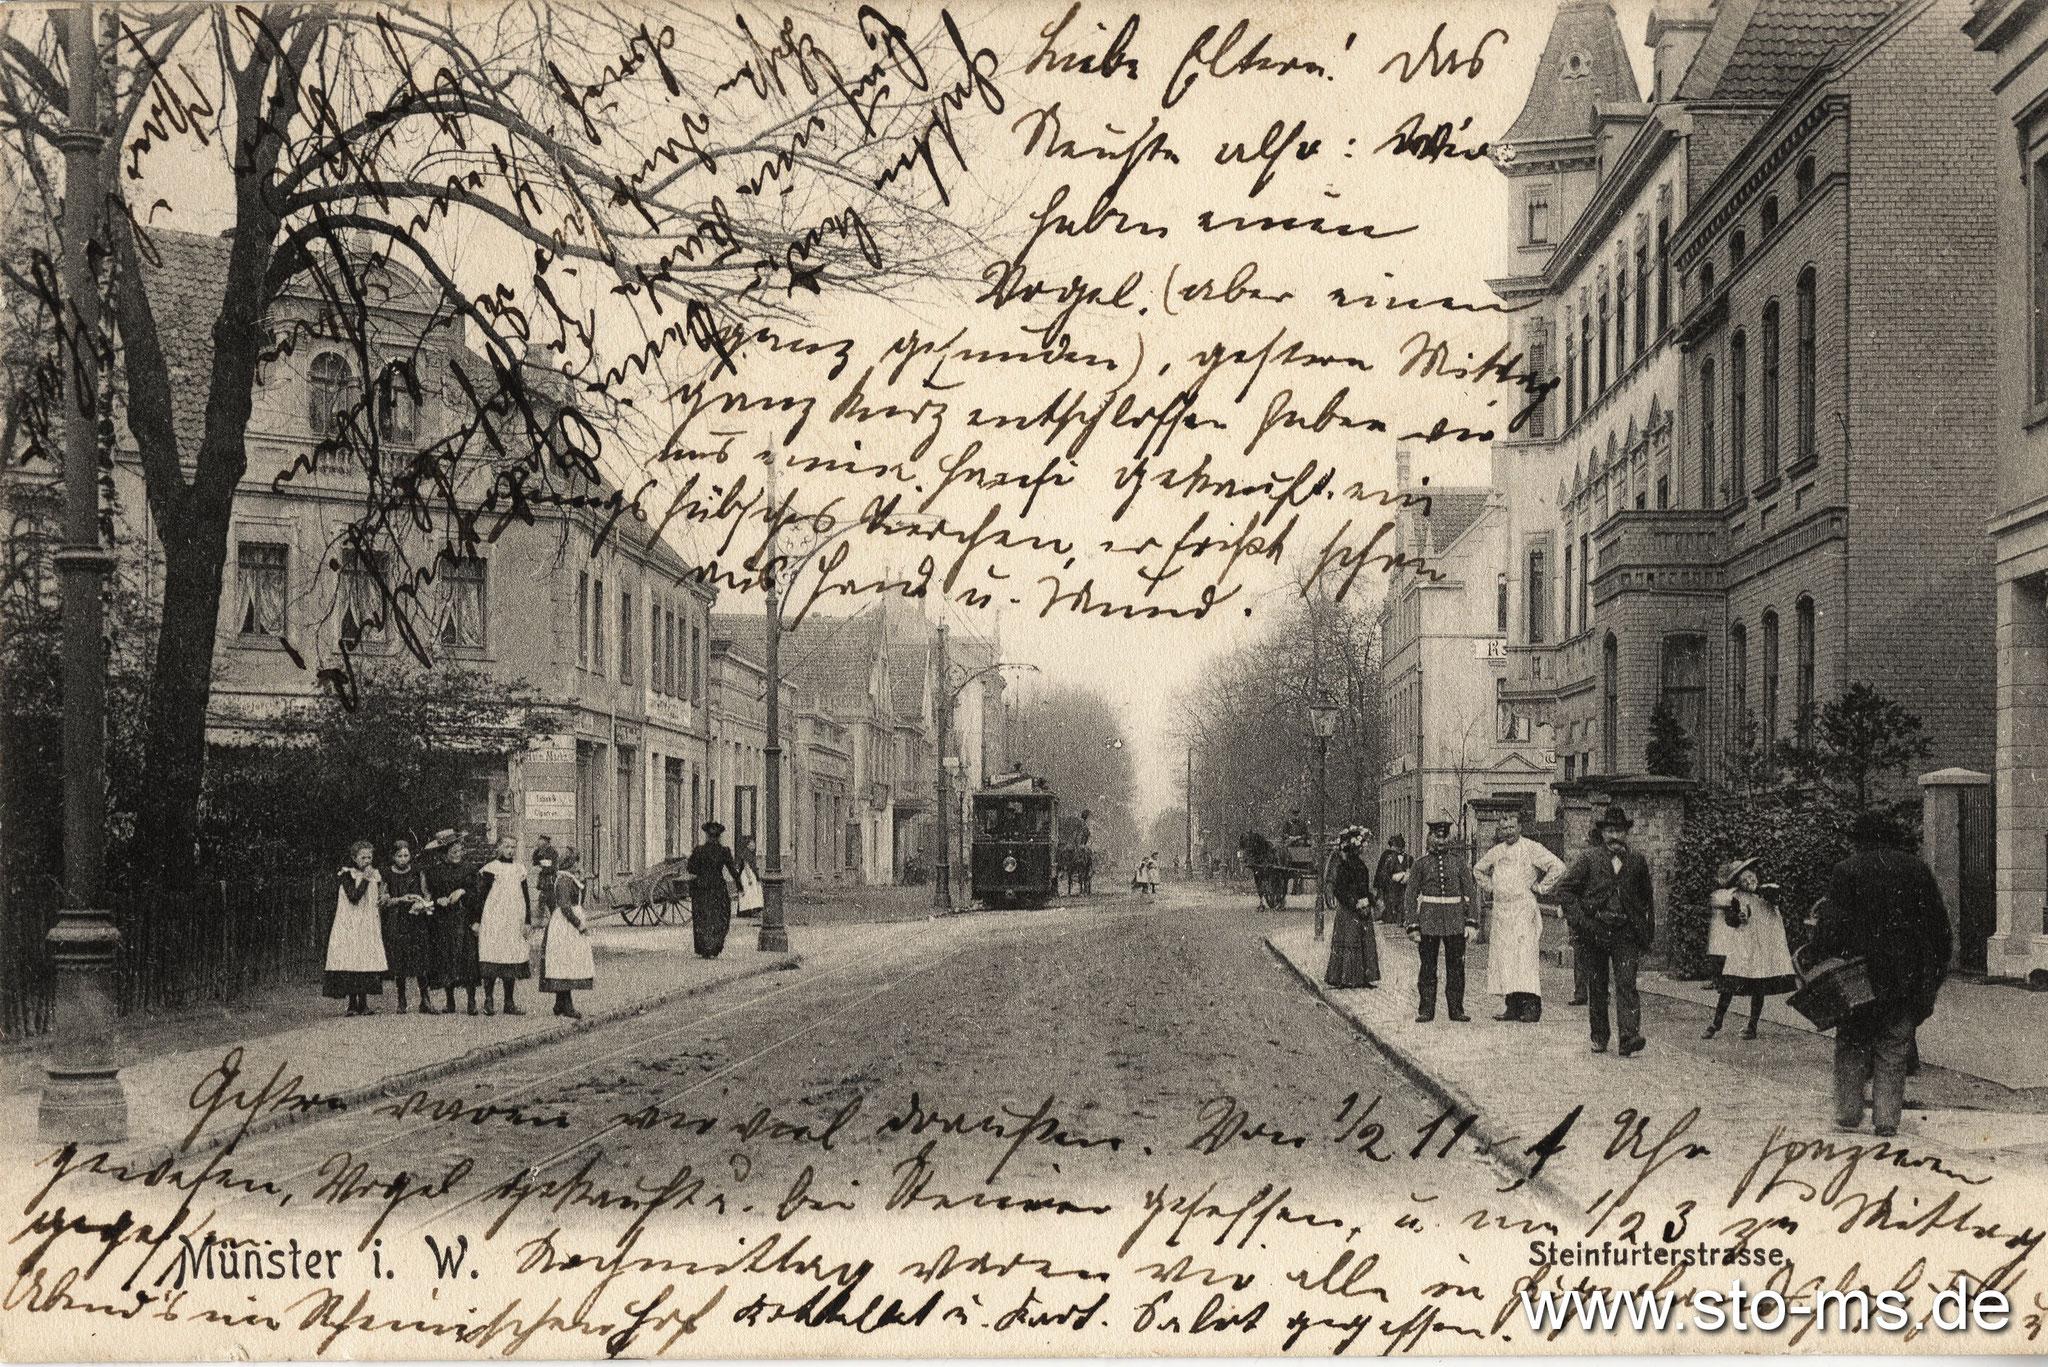 Steinfurter Straße